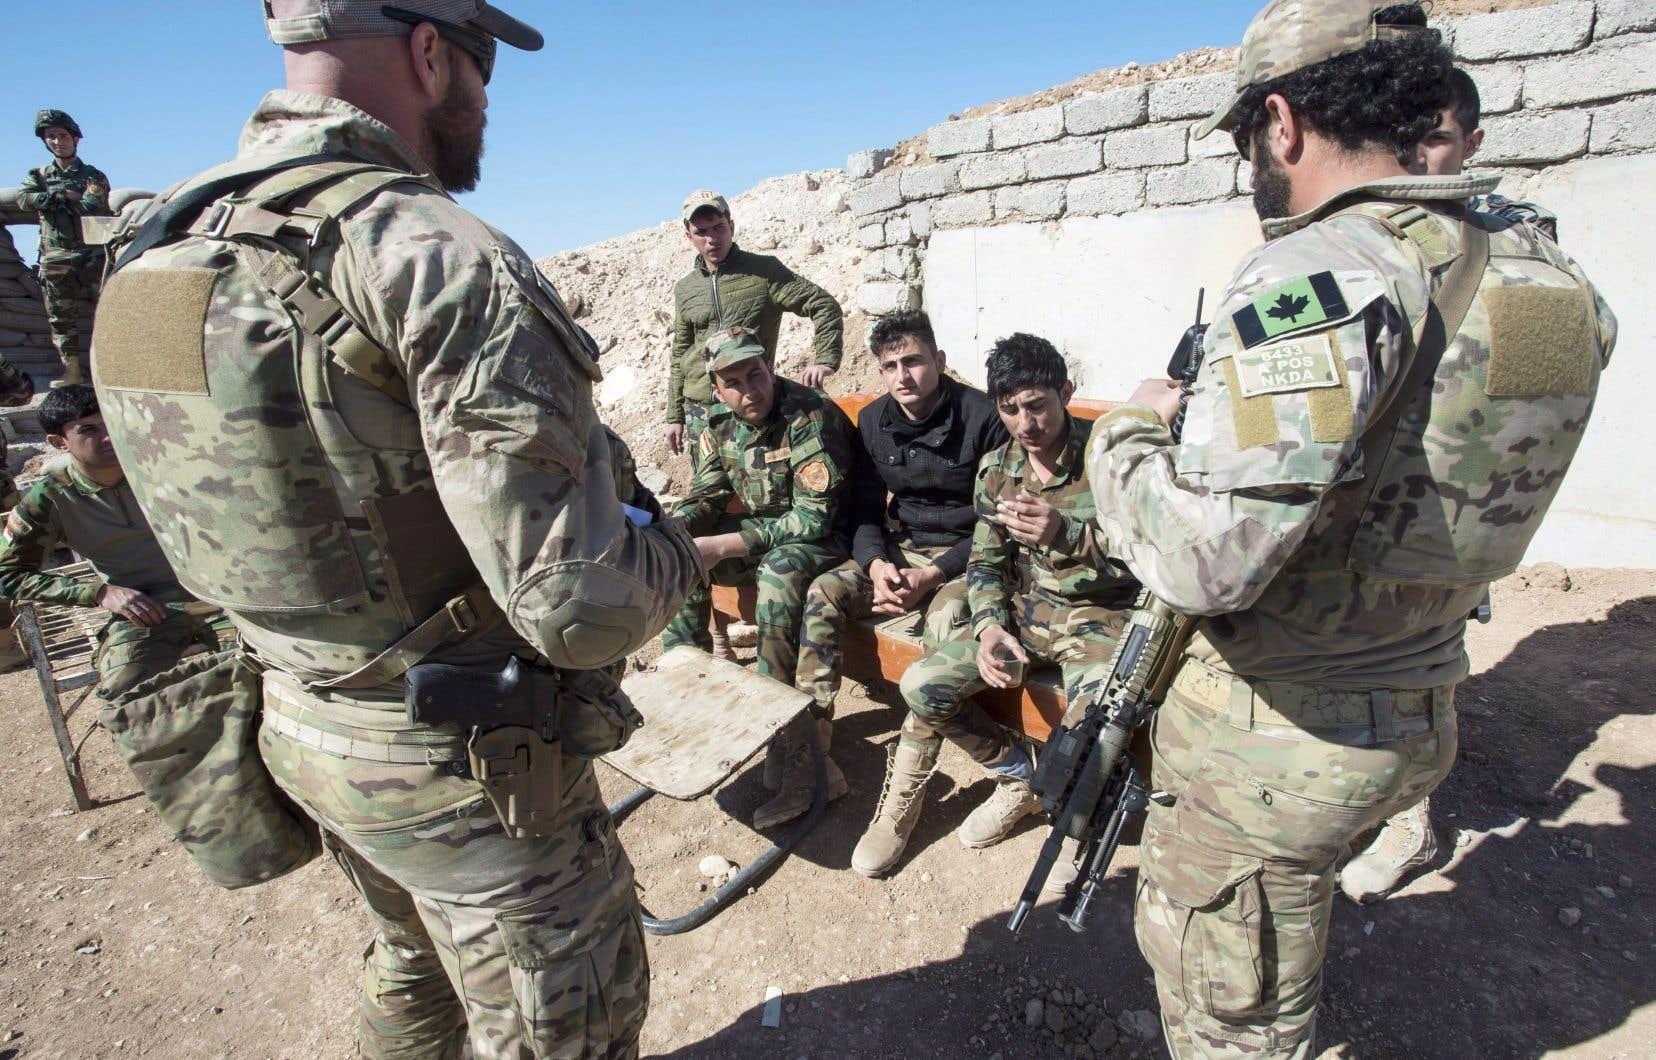 Le Canada compte environ 500 soldats en Irak pour aider à combattre le groupe armé État islamique, entre autres.